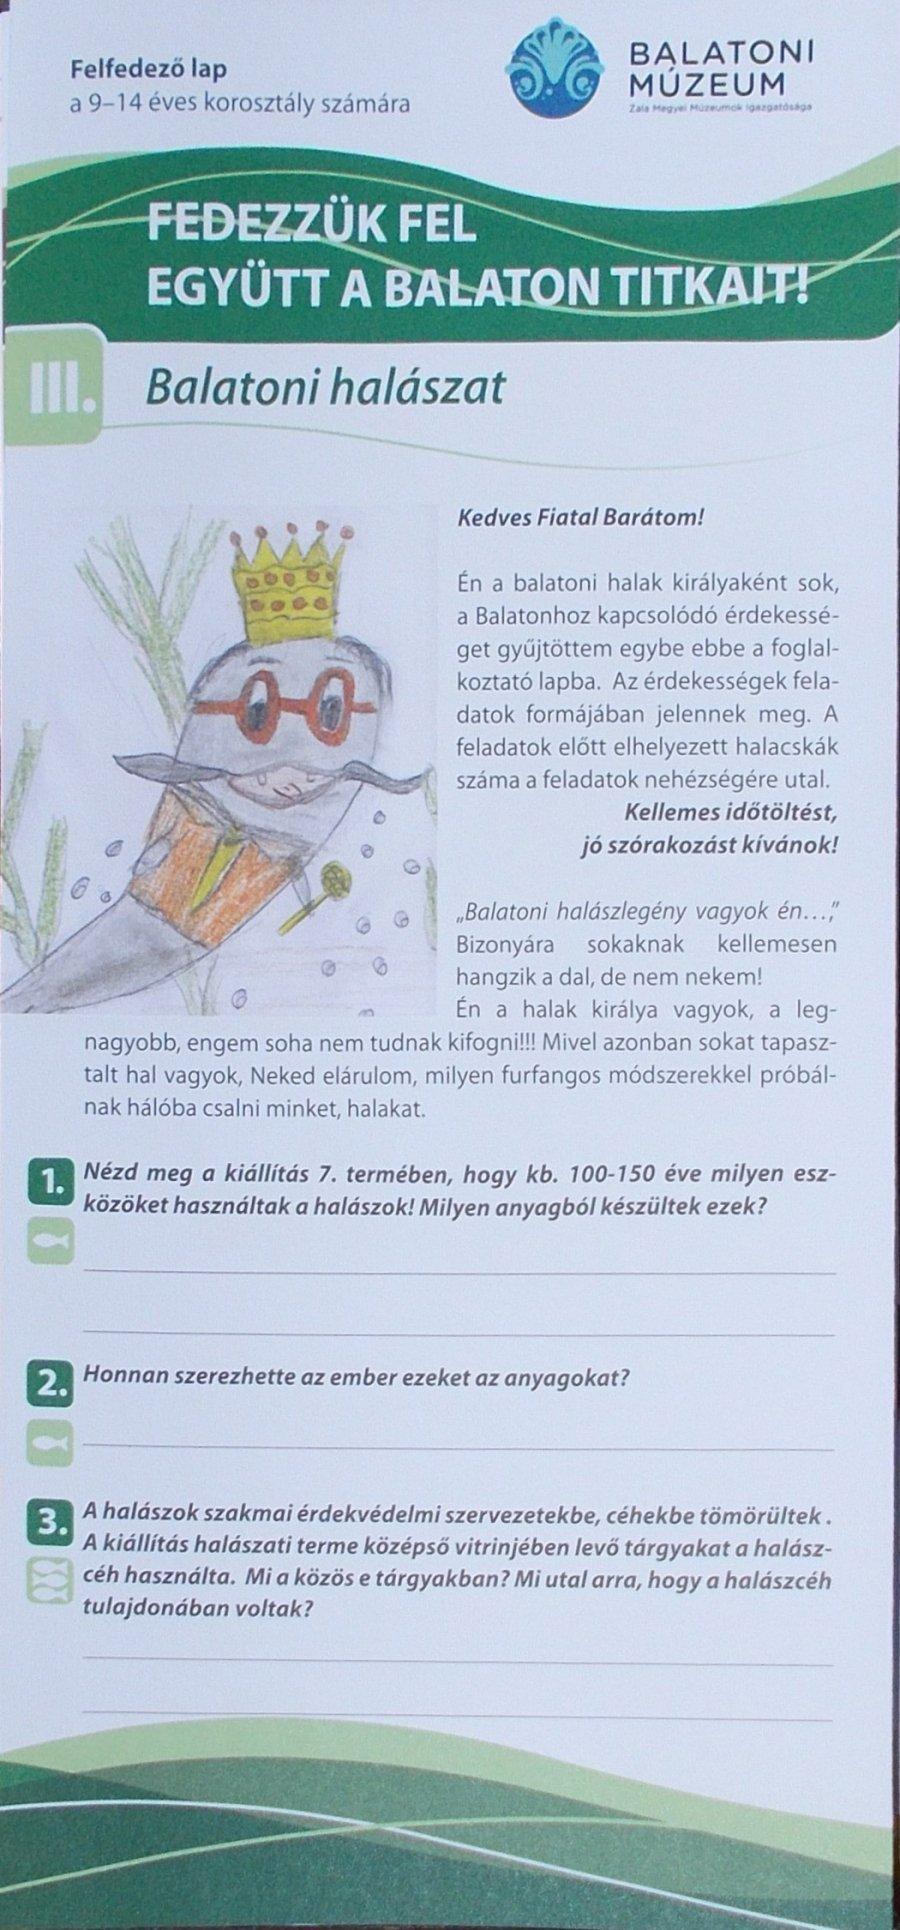 Fedezzük fel együtt a Balaton titkait! III Balatoni halászat